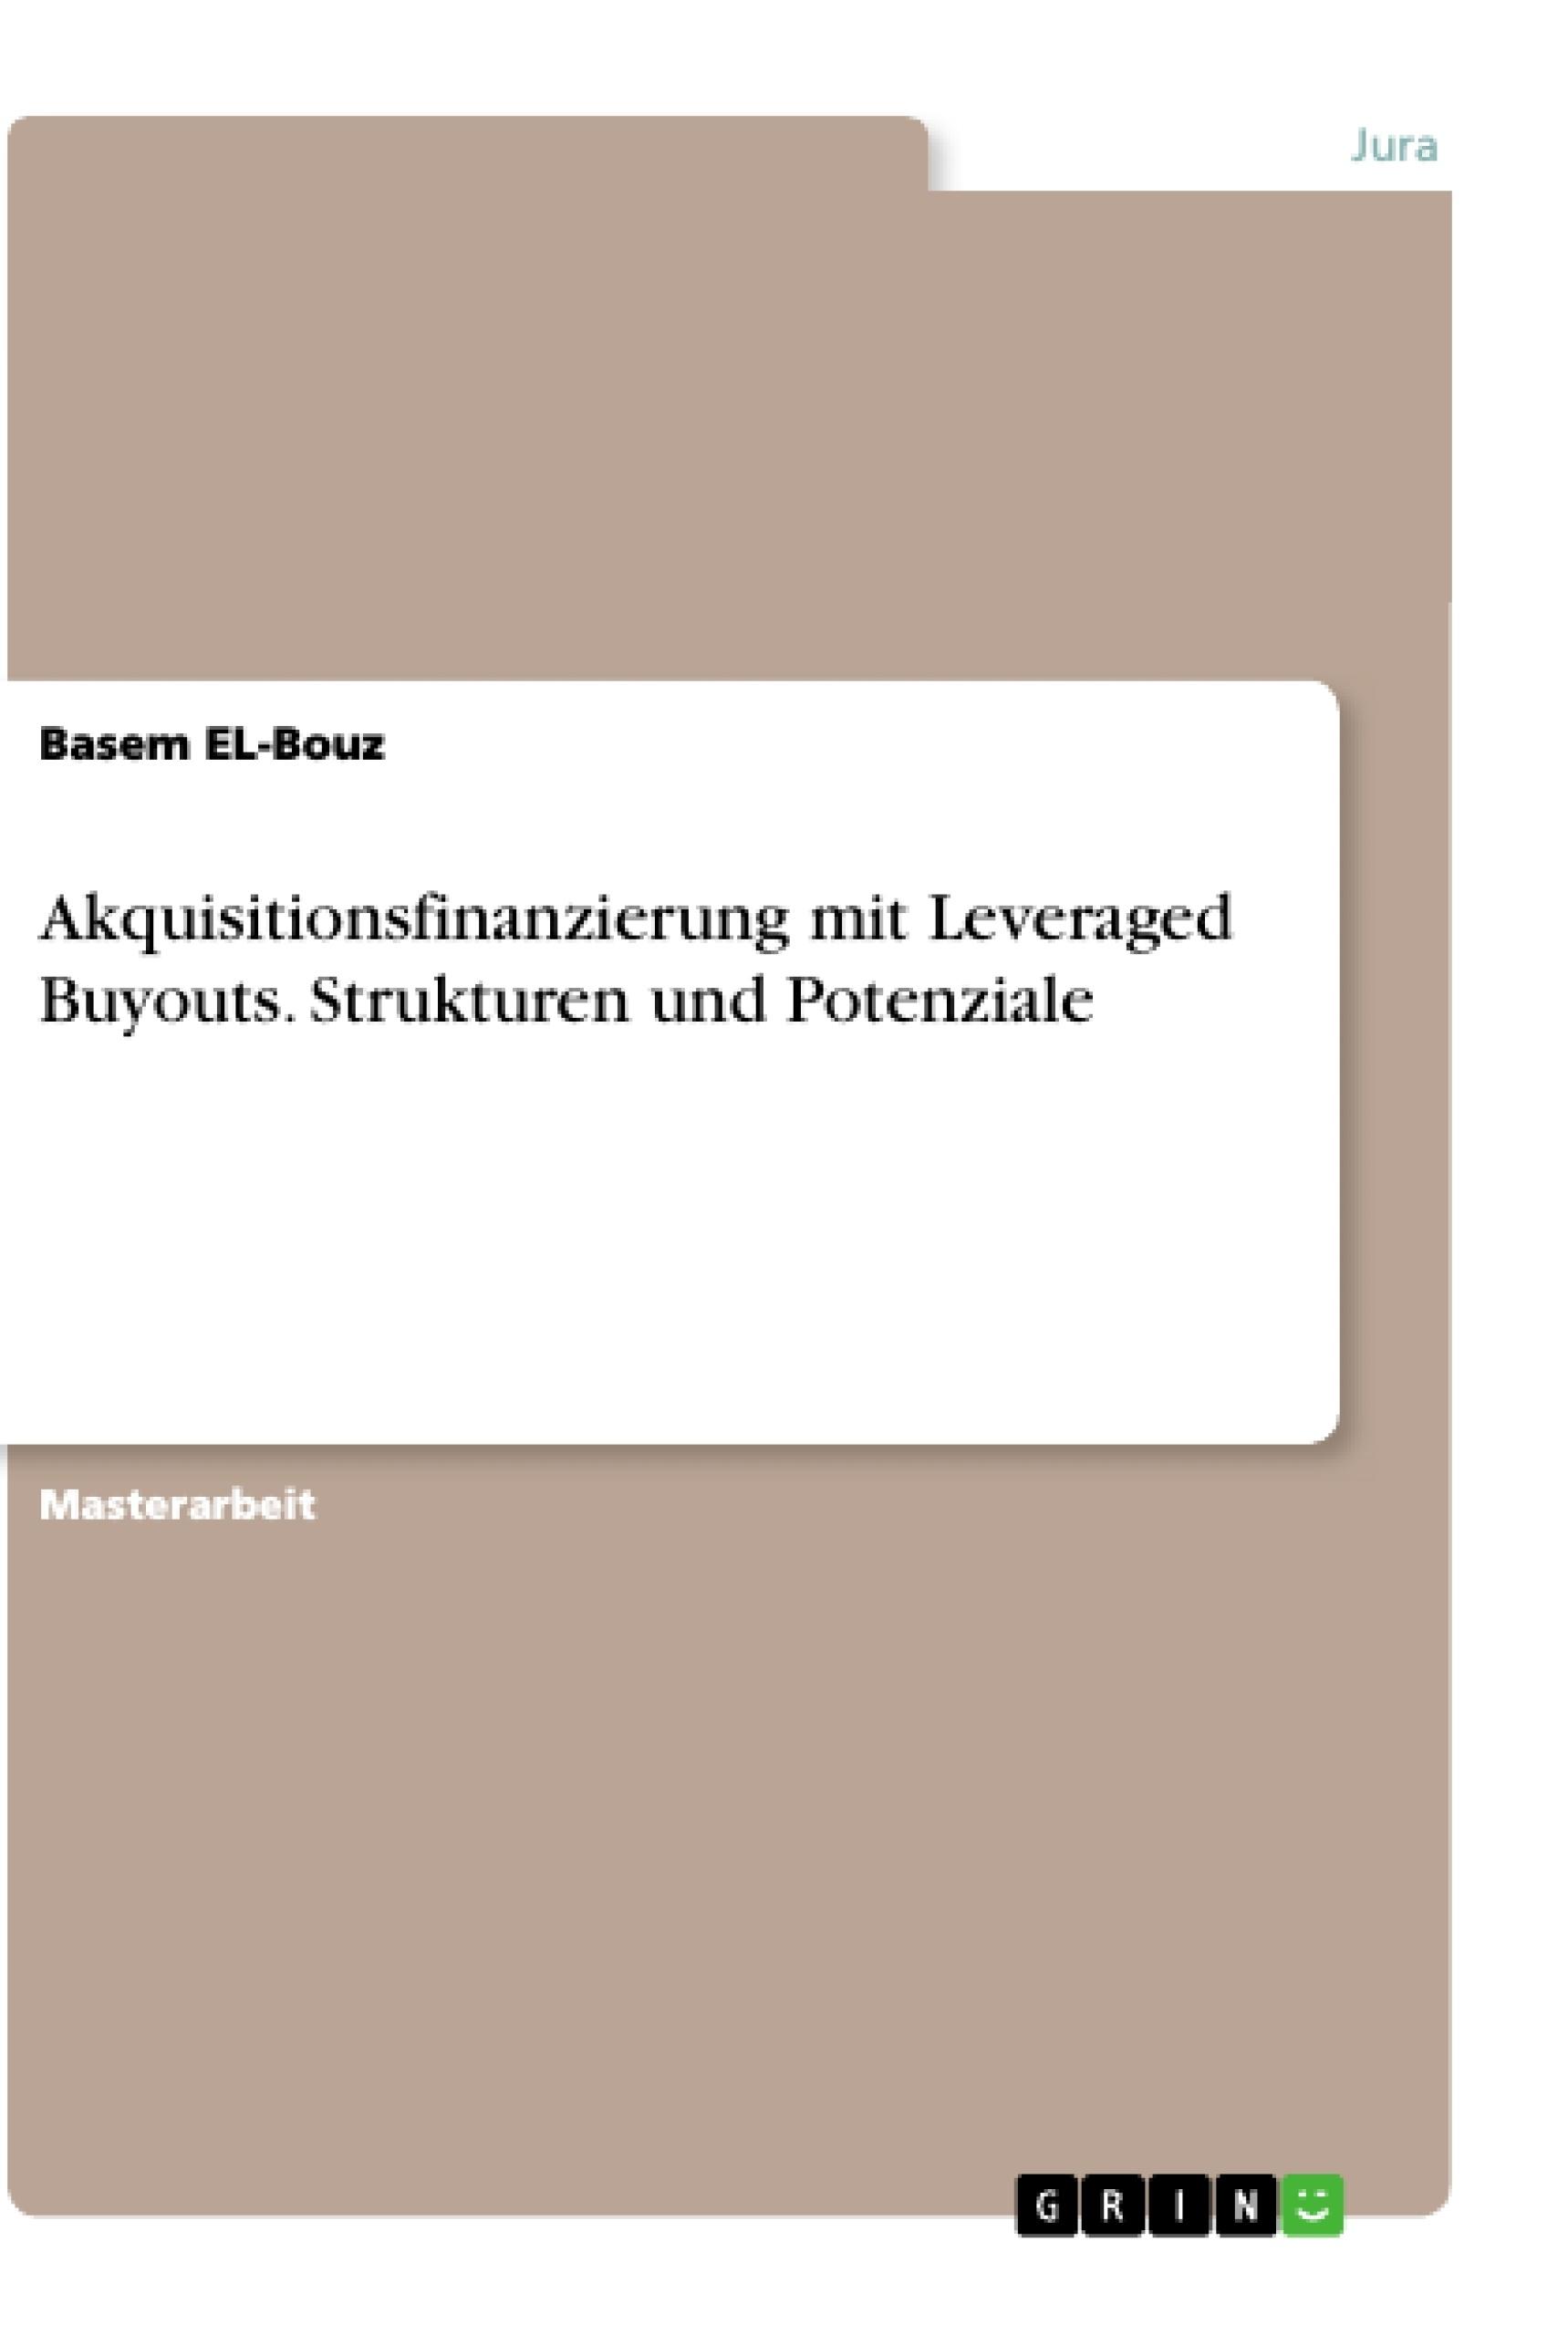 Titel: Akquisitionsfinanzierung mit Leveraged Buyouts. Strukturen und Potenziale